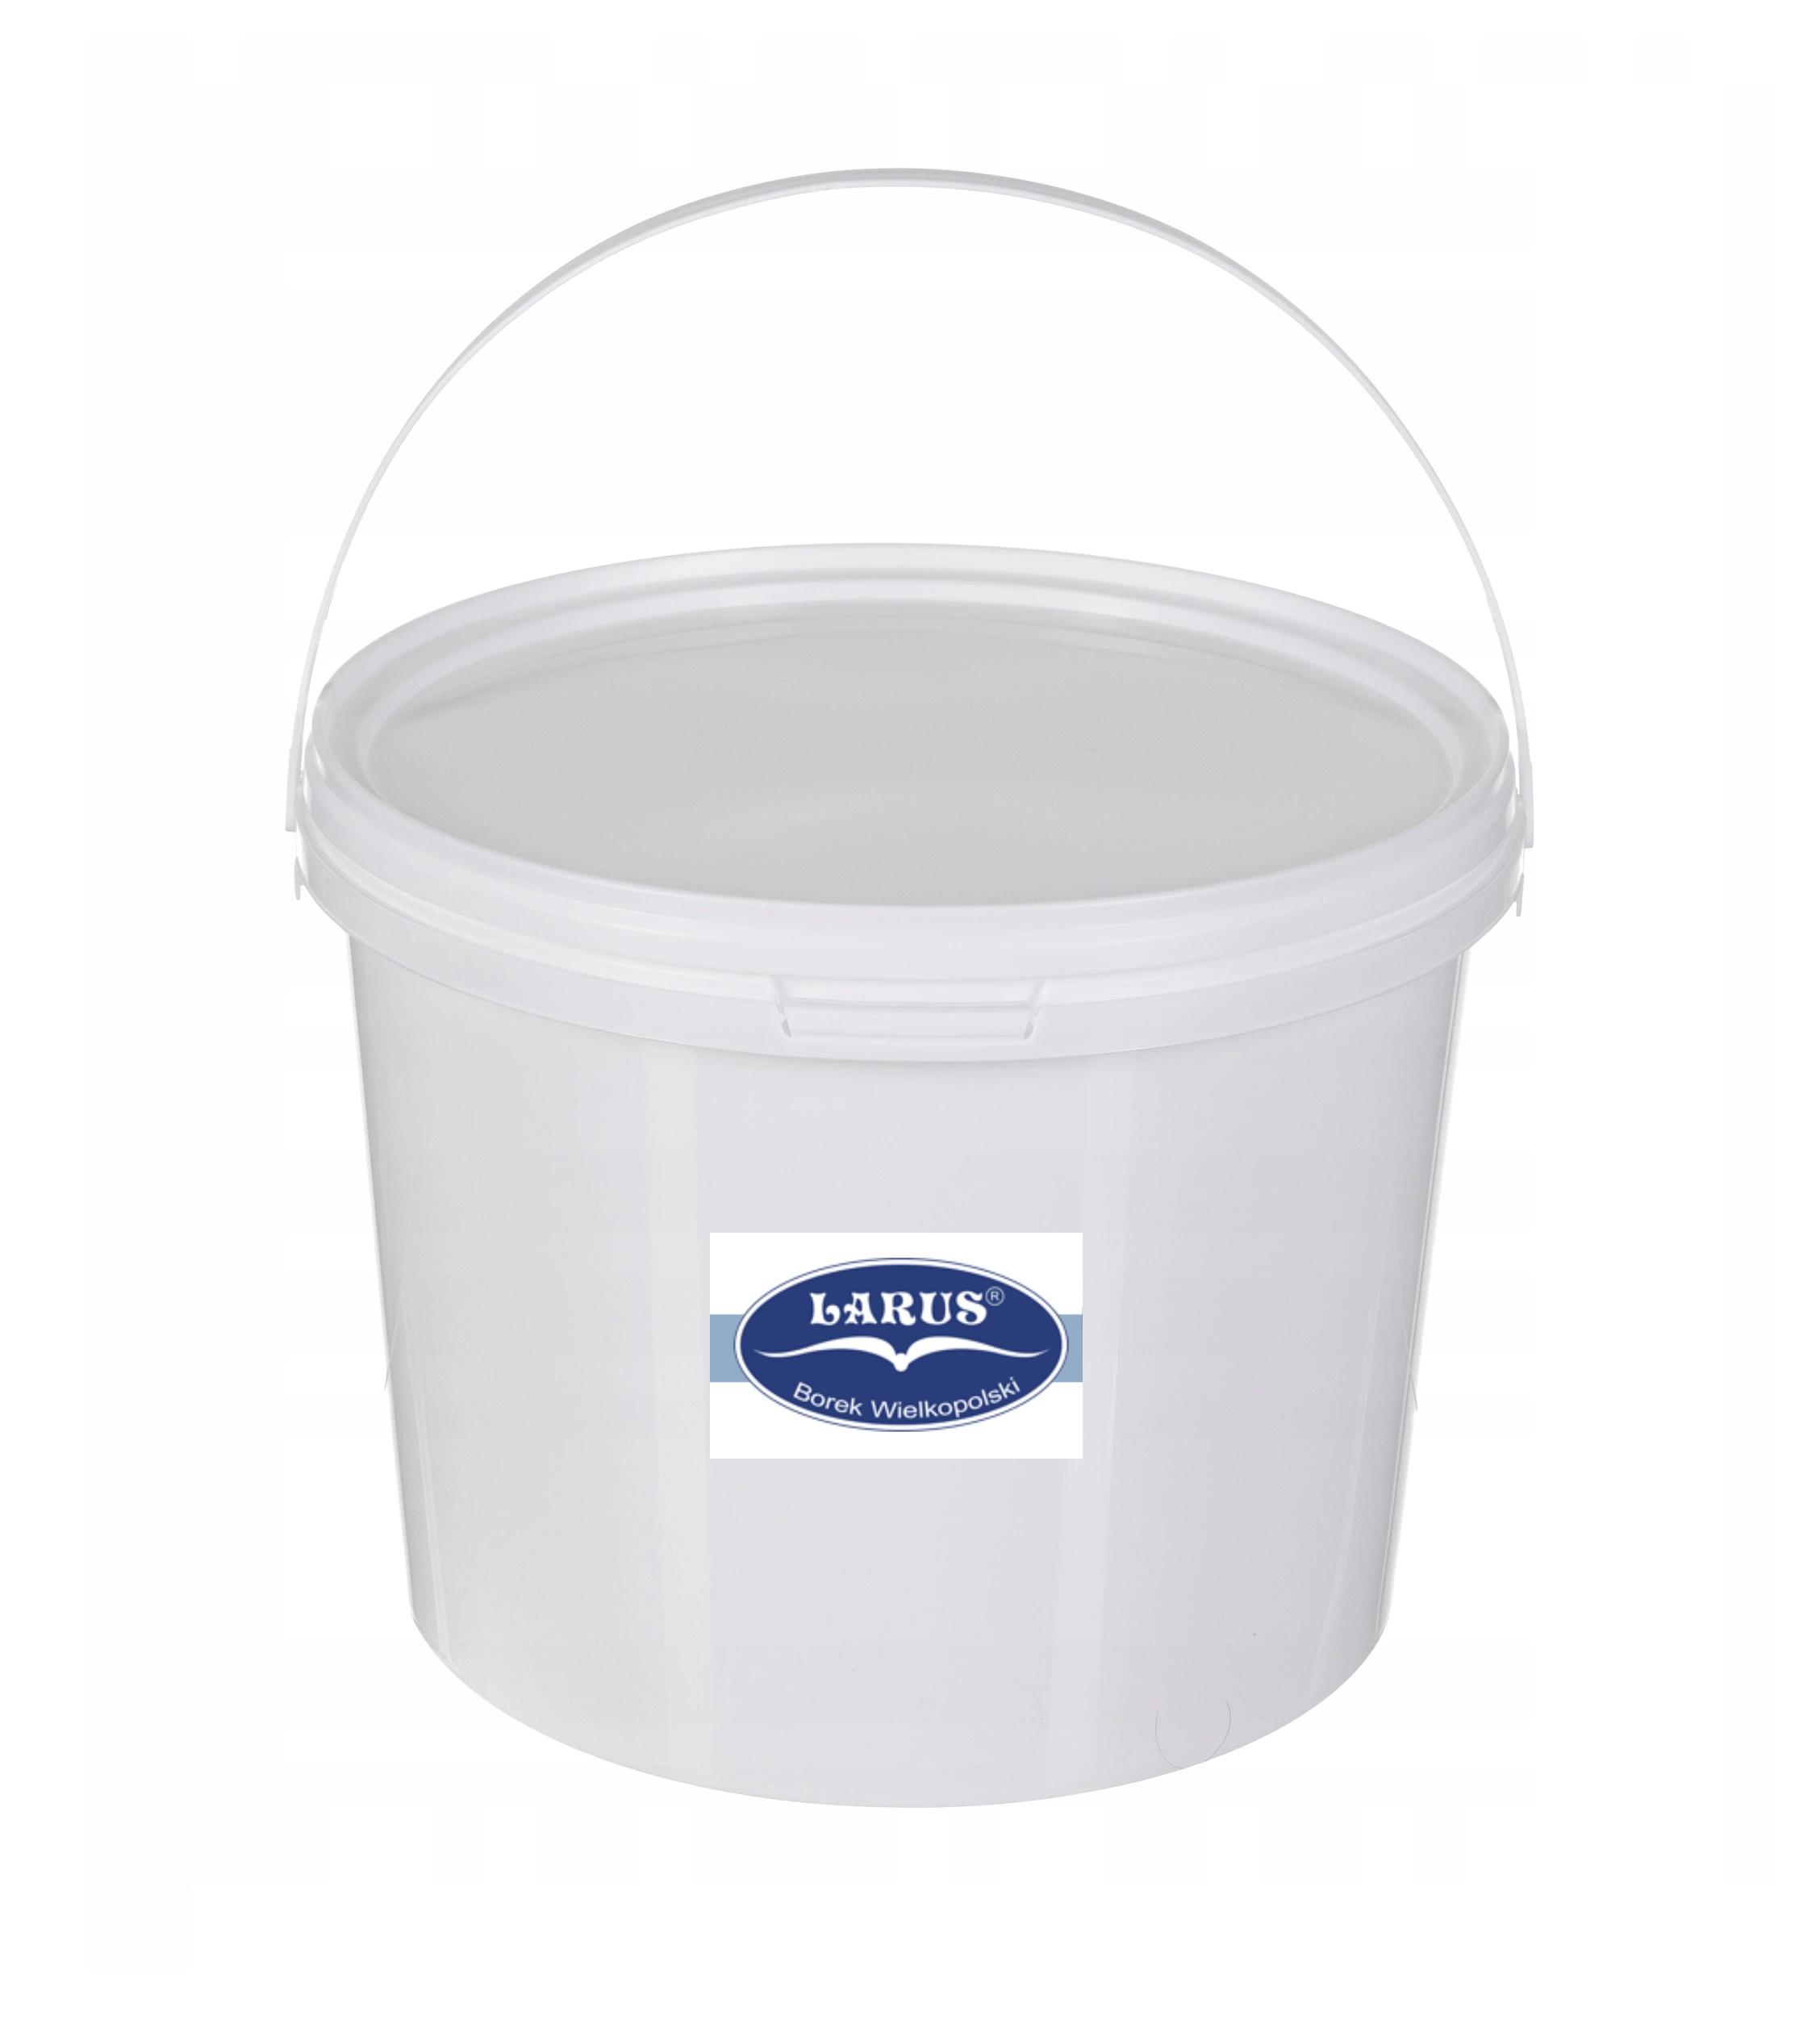 ROLMOPS ŚLEDZIOWY MARYNOWANY - LARUS 2,5kg